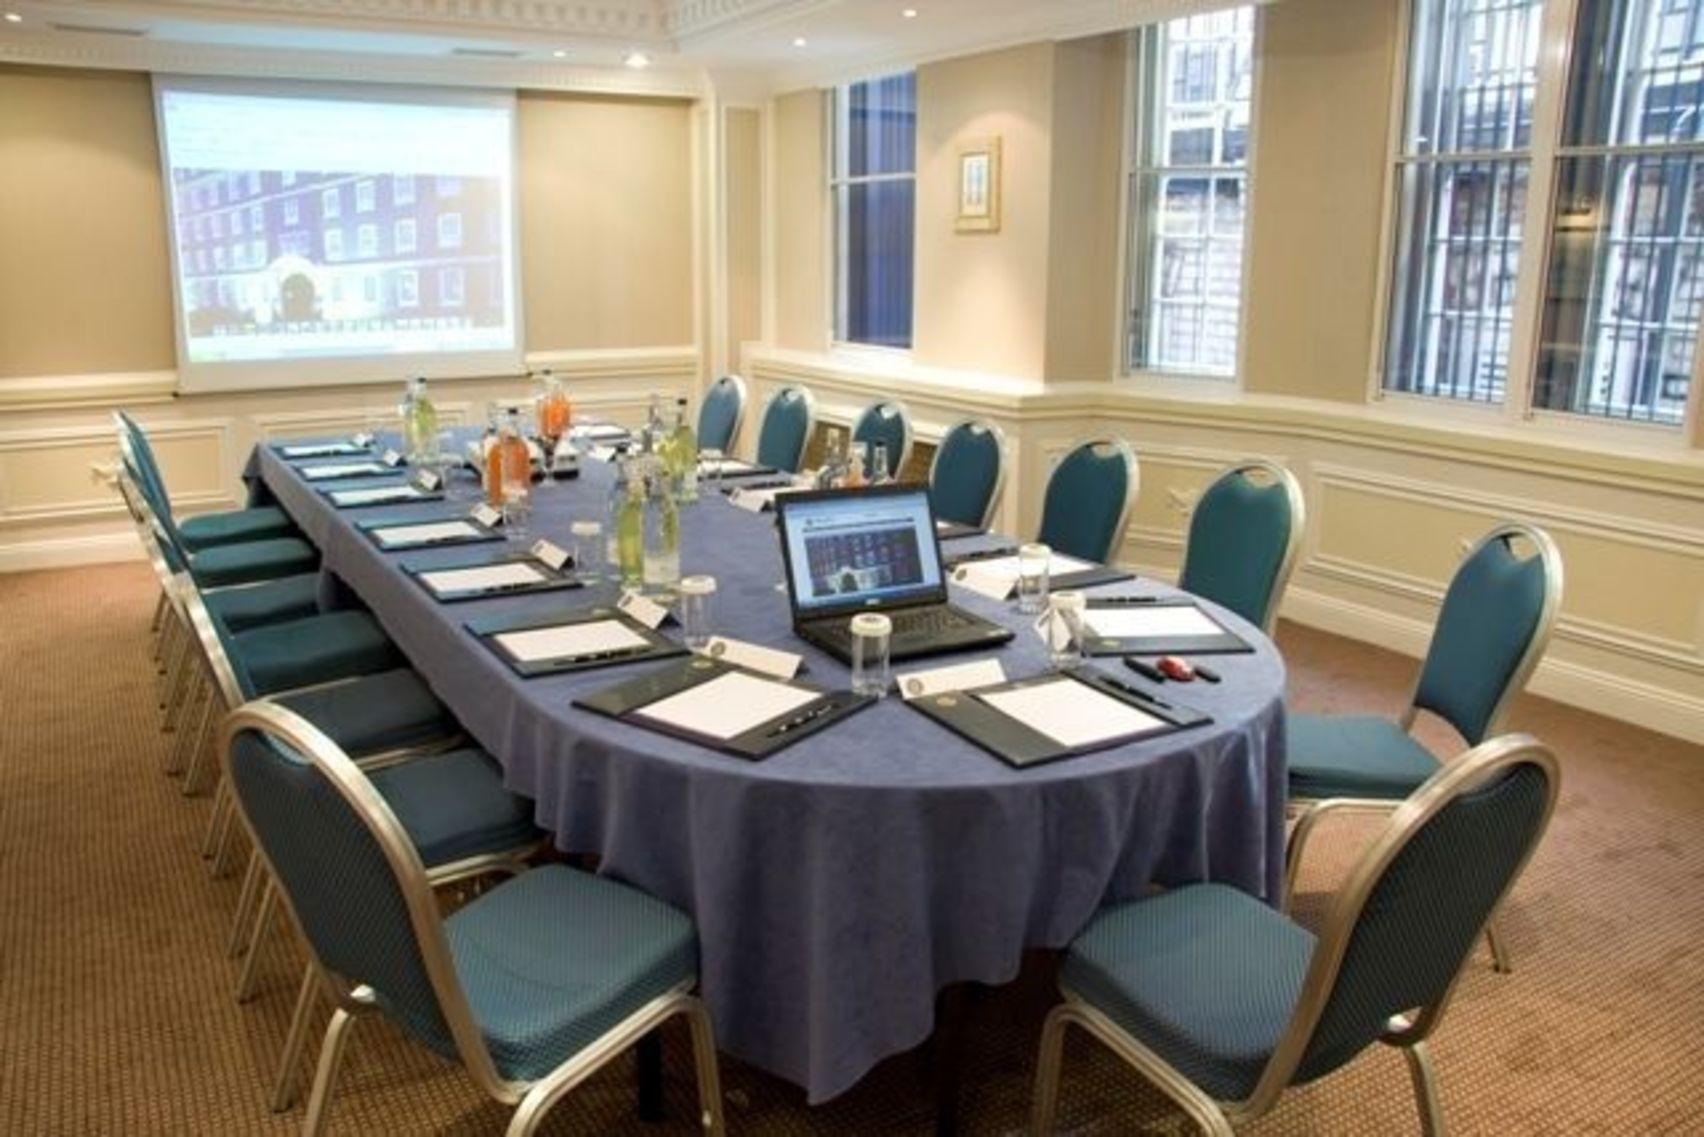 Cavendish Suite, Grange Fitzrovia Hotel